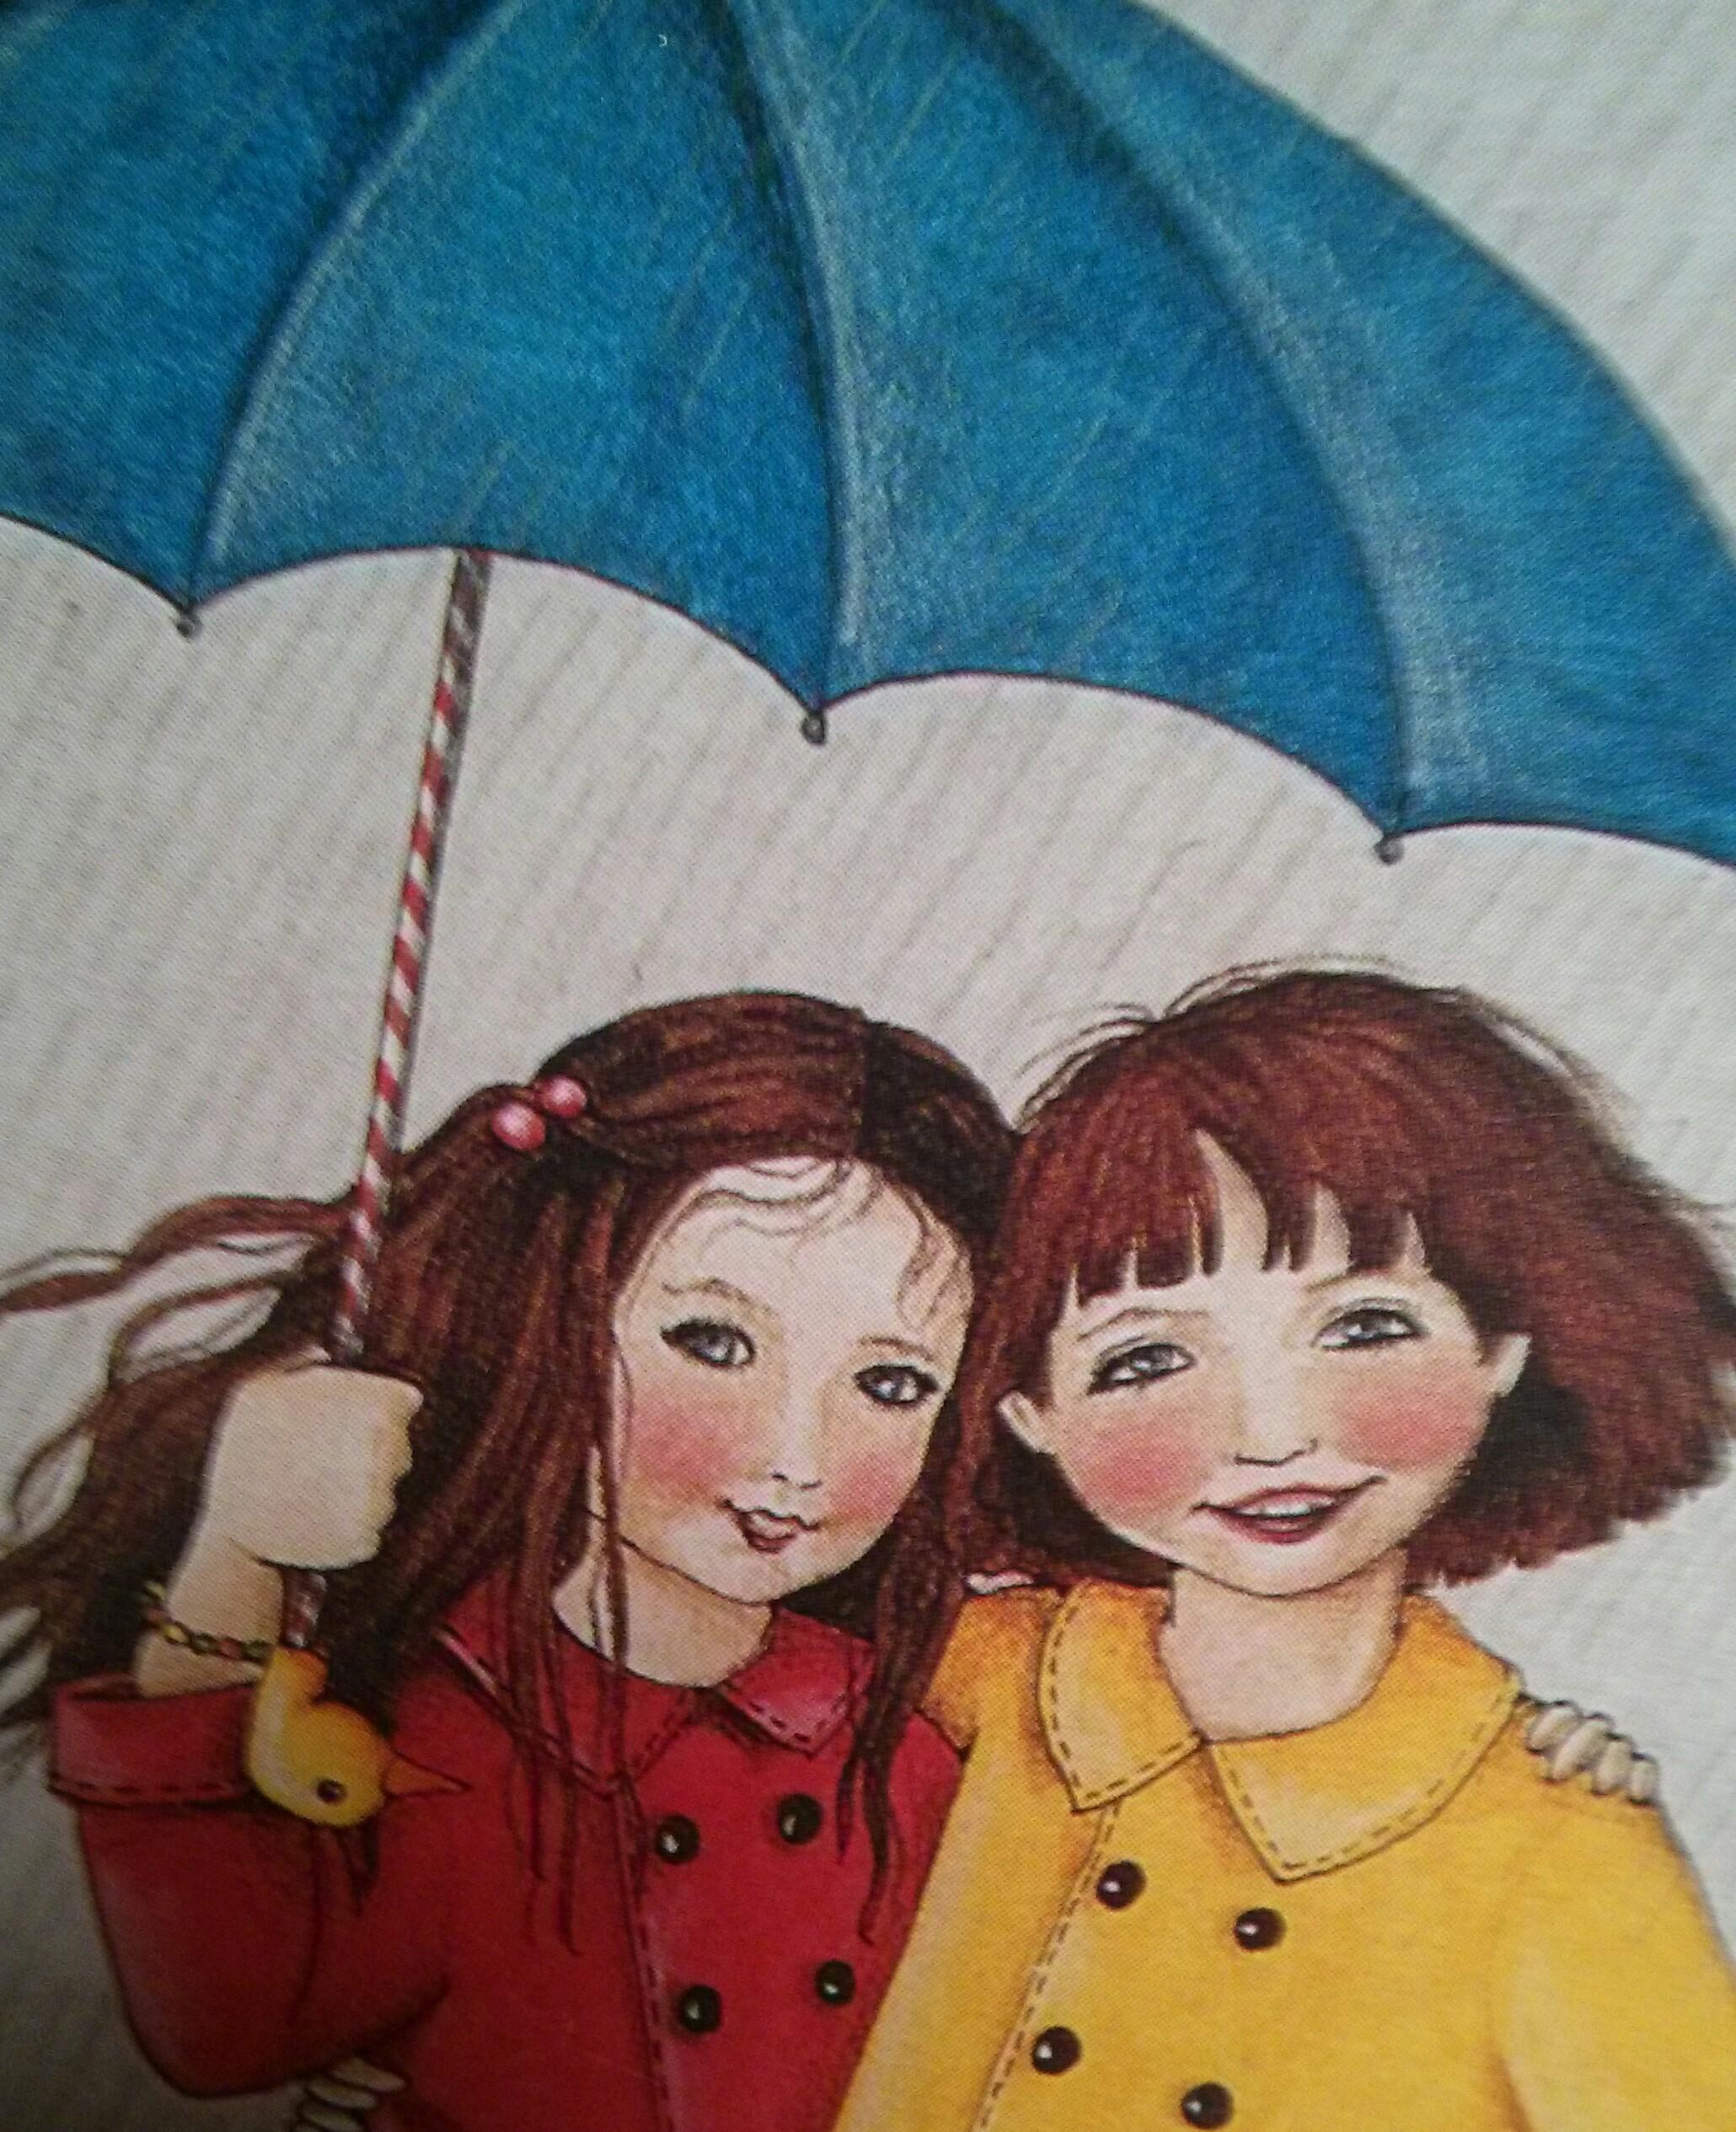 friends sharing an umbrella